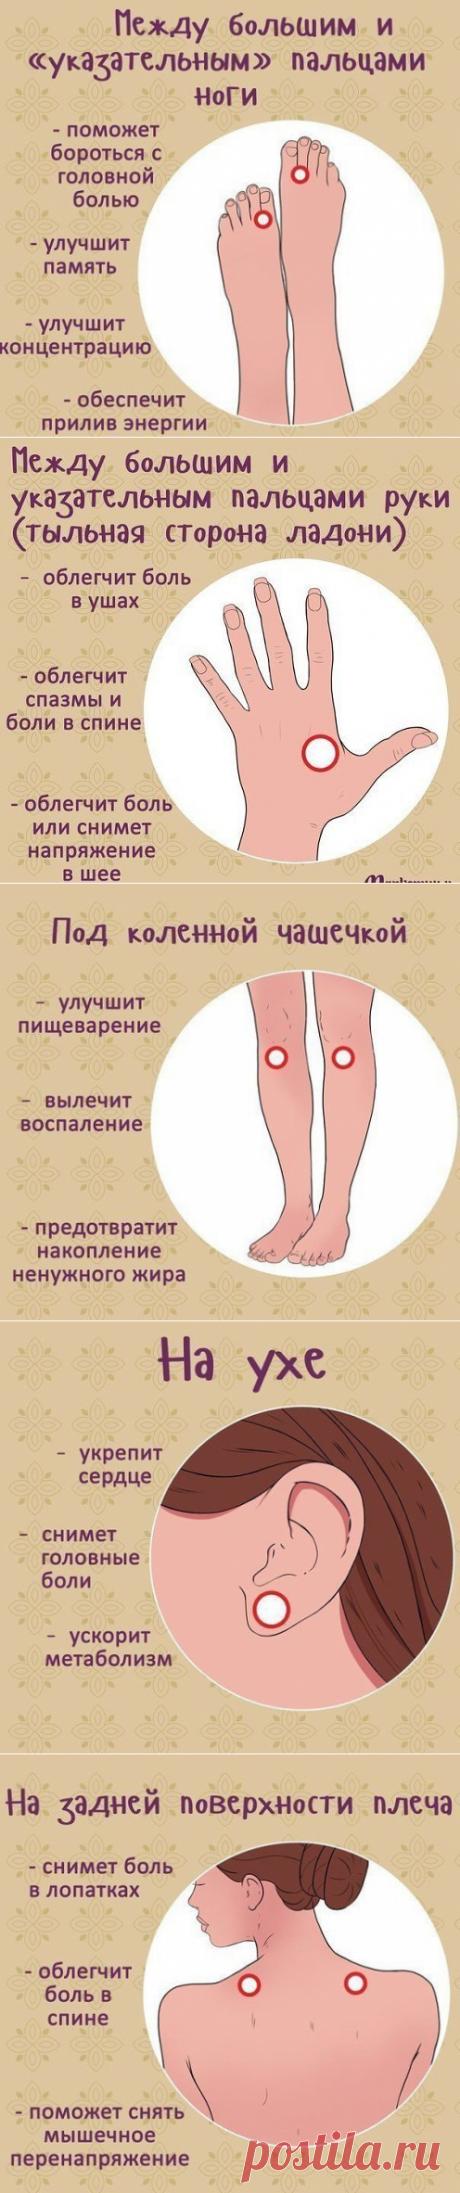 Польза массажа! — Полезные советы